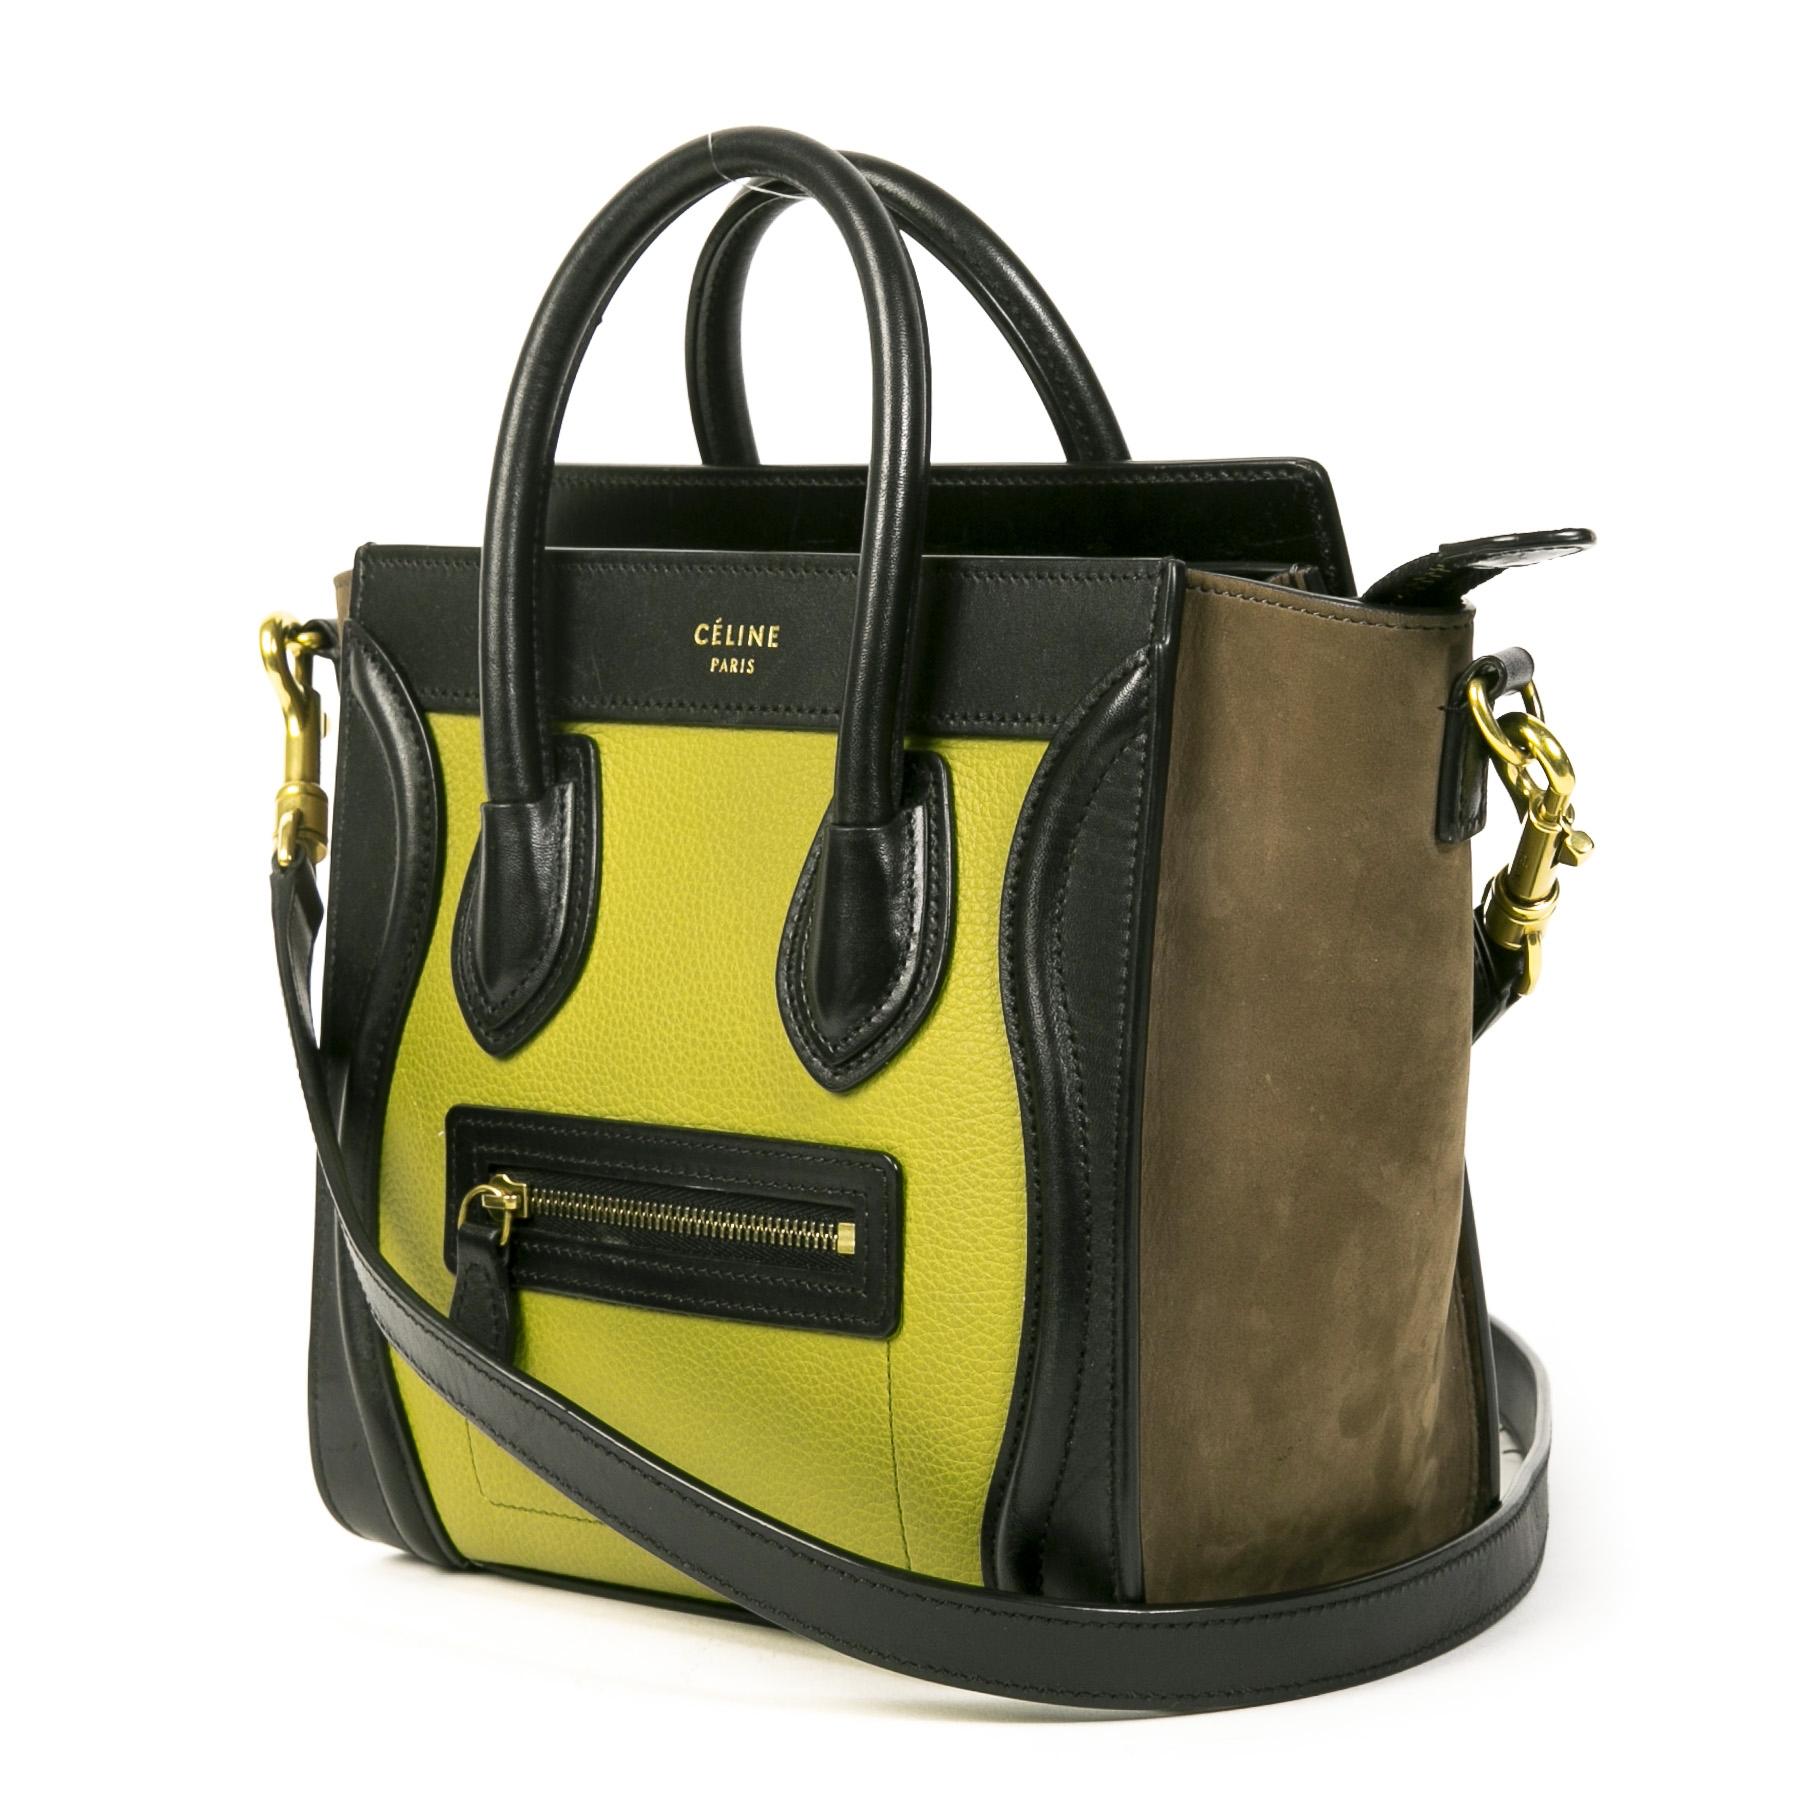 Authentieke Tweedehands Céline Nano Luggage Mint Brown Black Leather Crossbody Bag juiste prijs veilig online shoppen luxe merken webshop winkelen Antwerpen België mode fashion